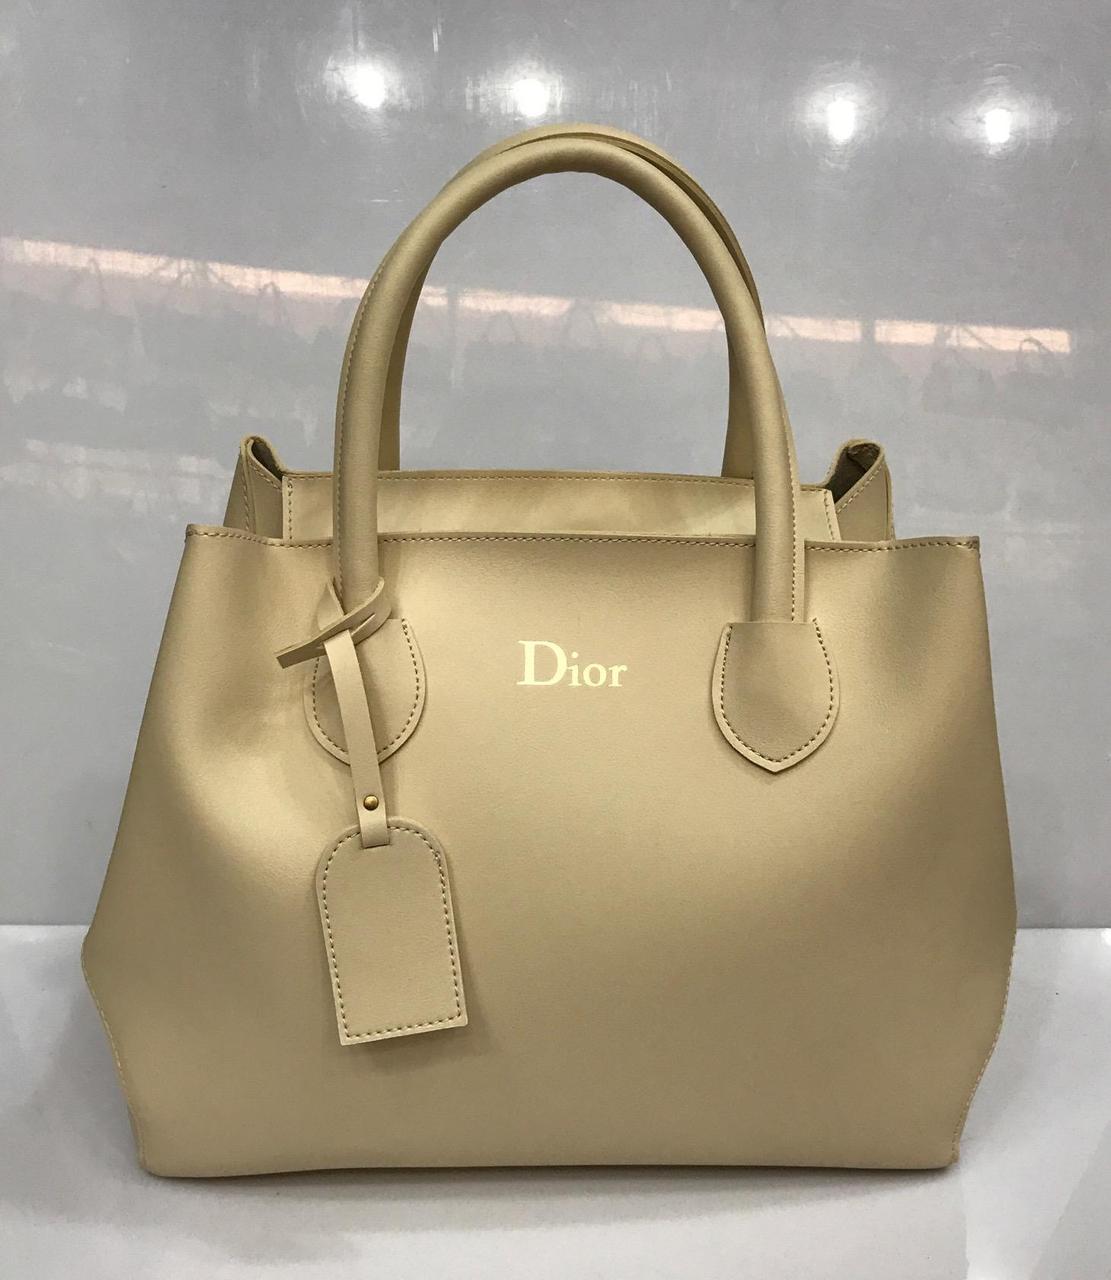 9eb6bcb0d02e Стильная сумка Dior копия из эко - кожи, цена 860 грн., купить в ...